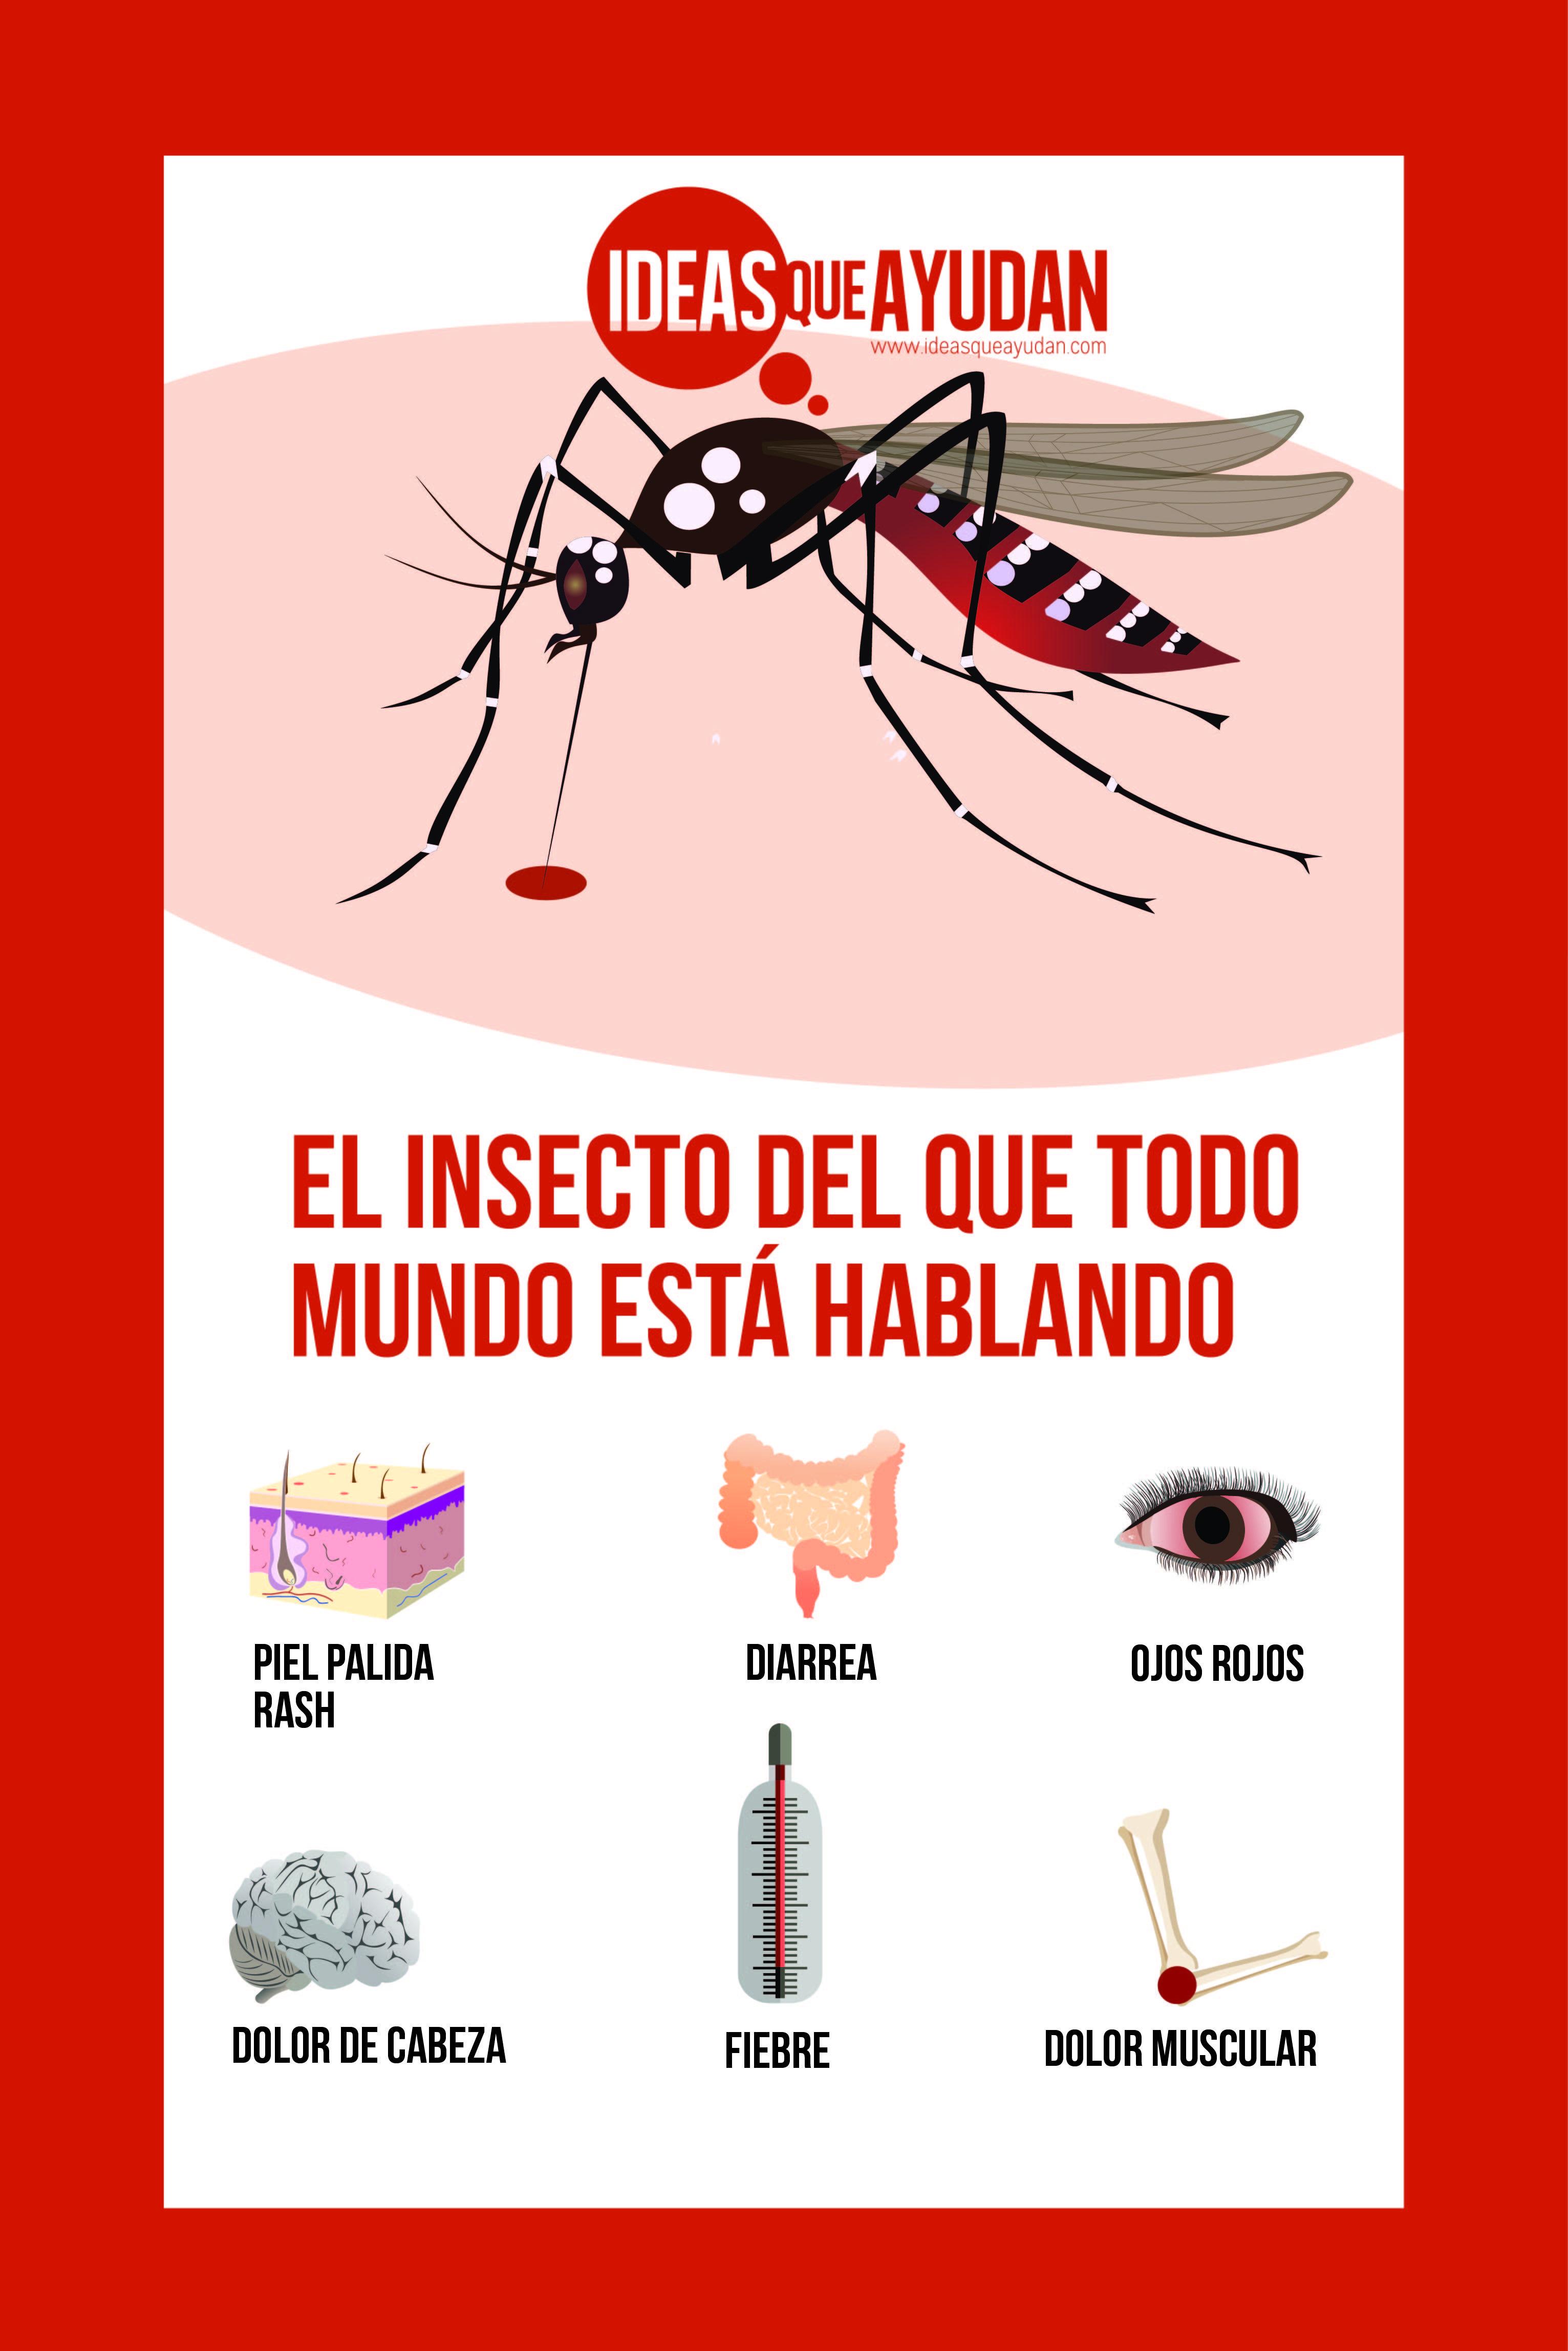 El insecto del que todo mundo está hablando